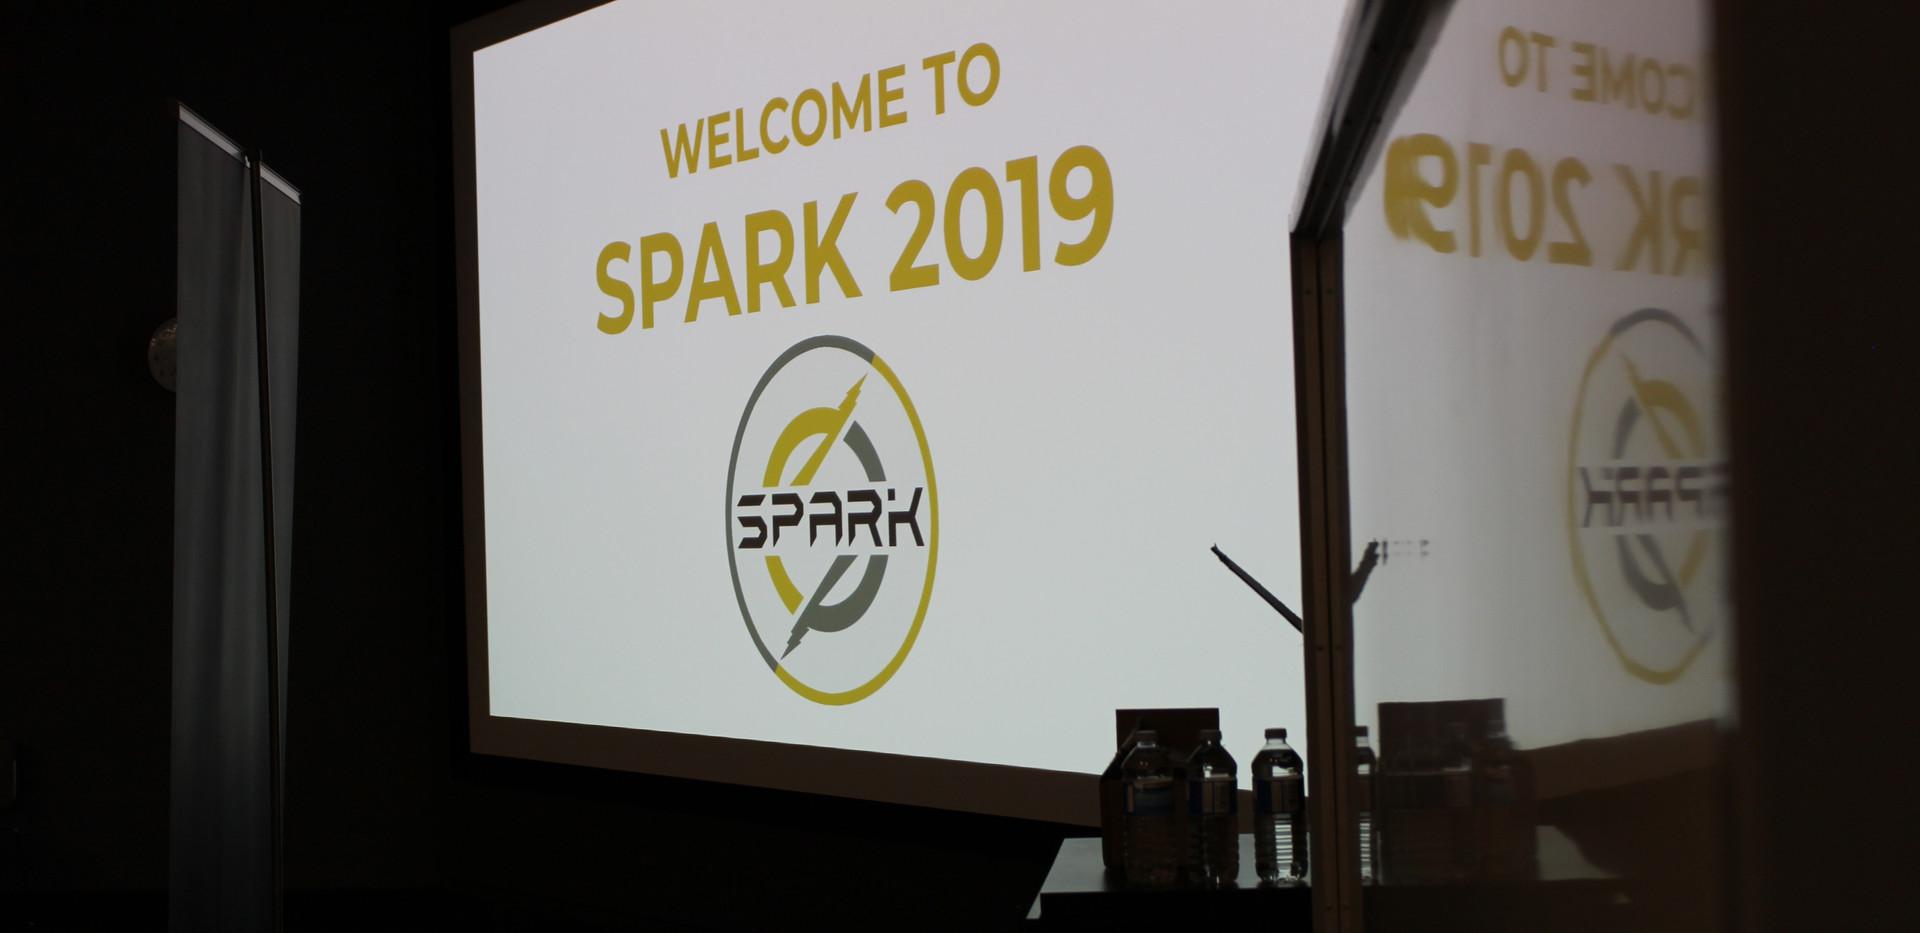 SPARK 2019.